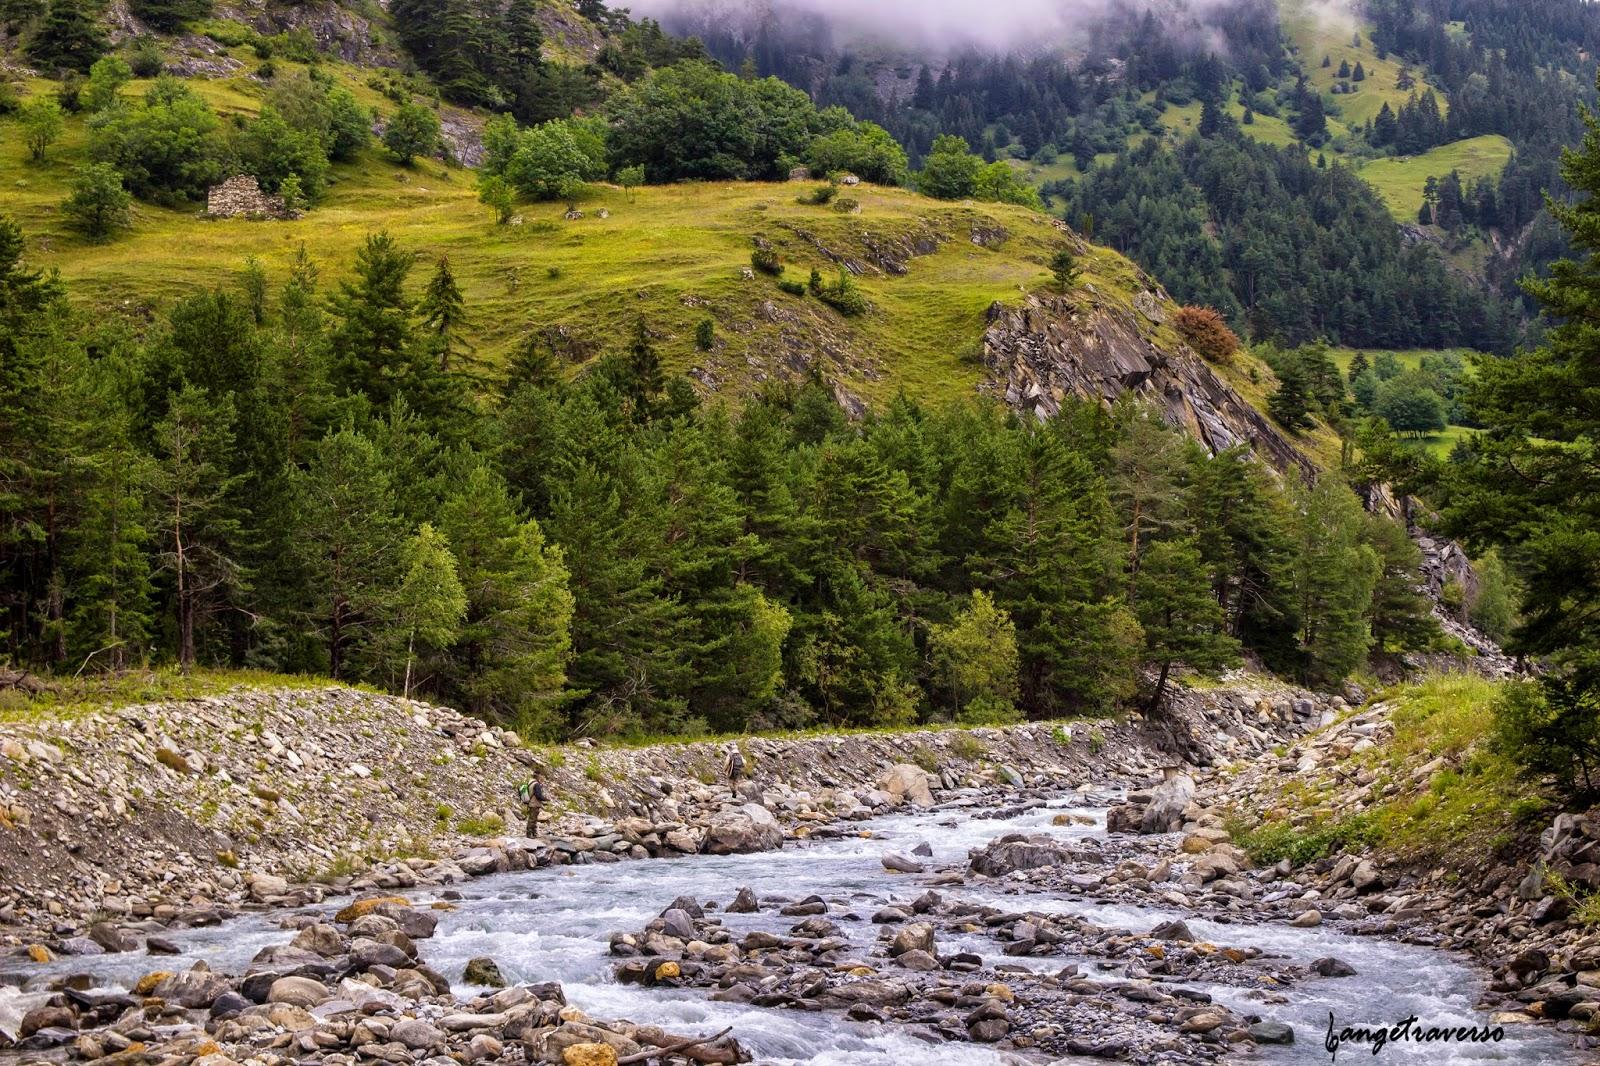 termignon, Vanoise, Savoie. Été 2014